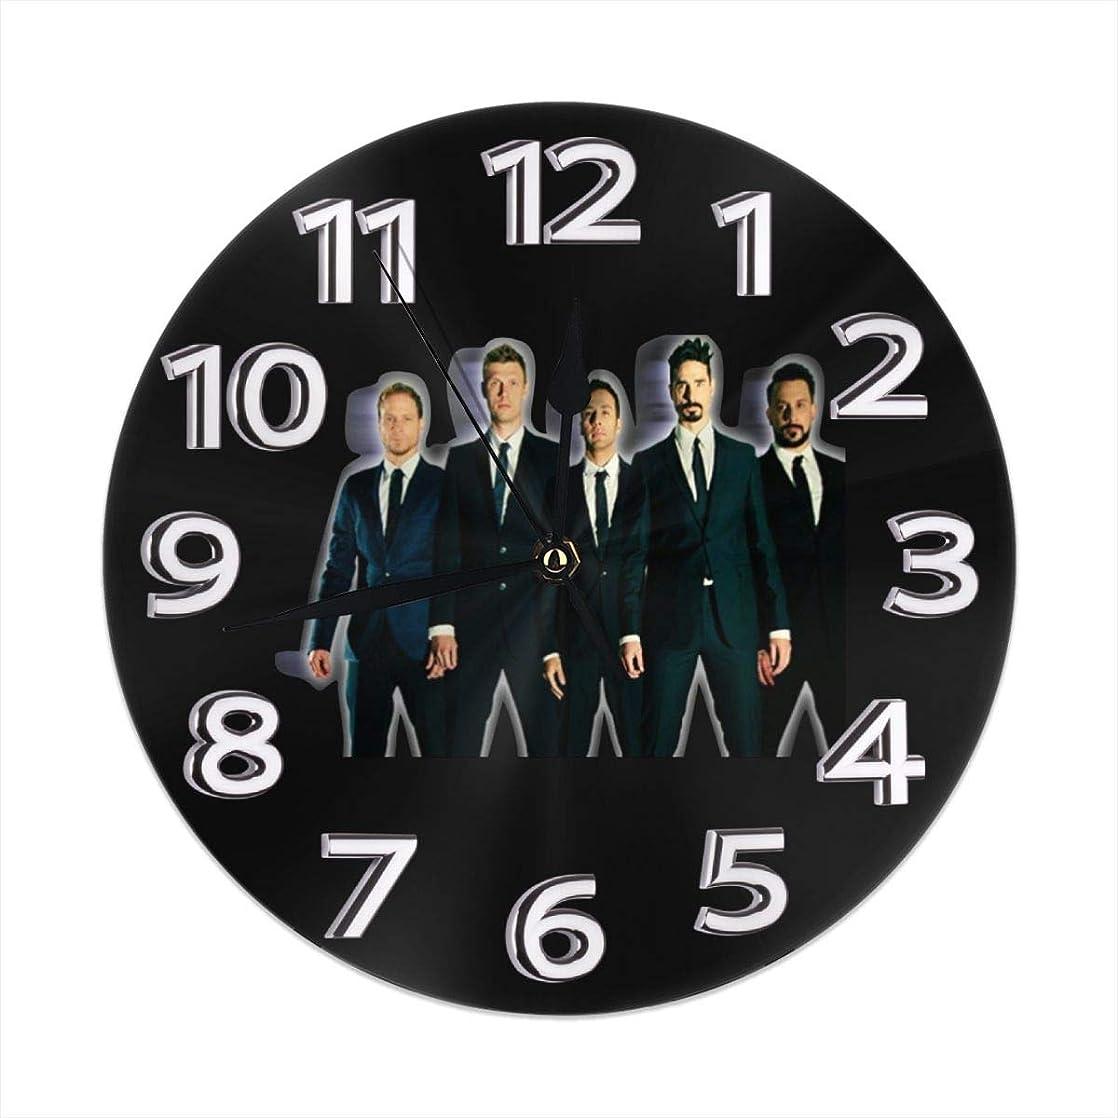 押す祈りブレンド壁時計 壁掛け時計 バックストリート ボーイズ Backstreet Boys 飾る時計 ウォール時計 静かな 円形 インテリア アート